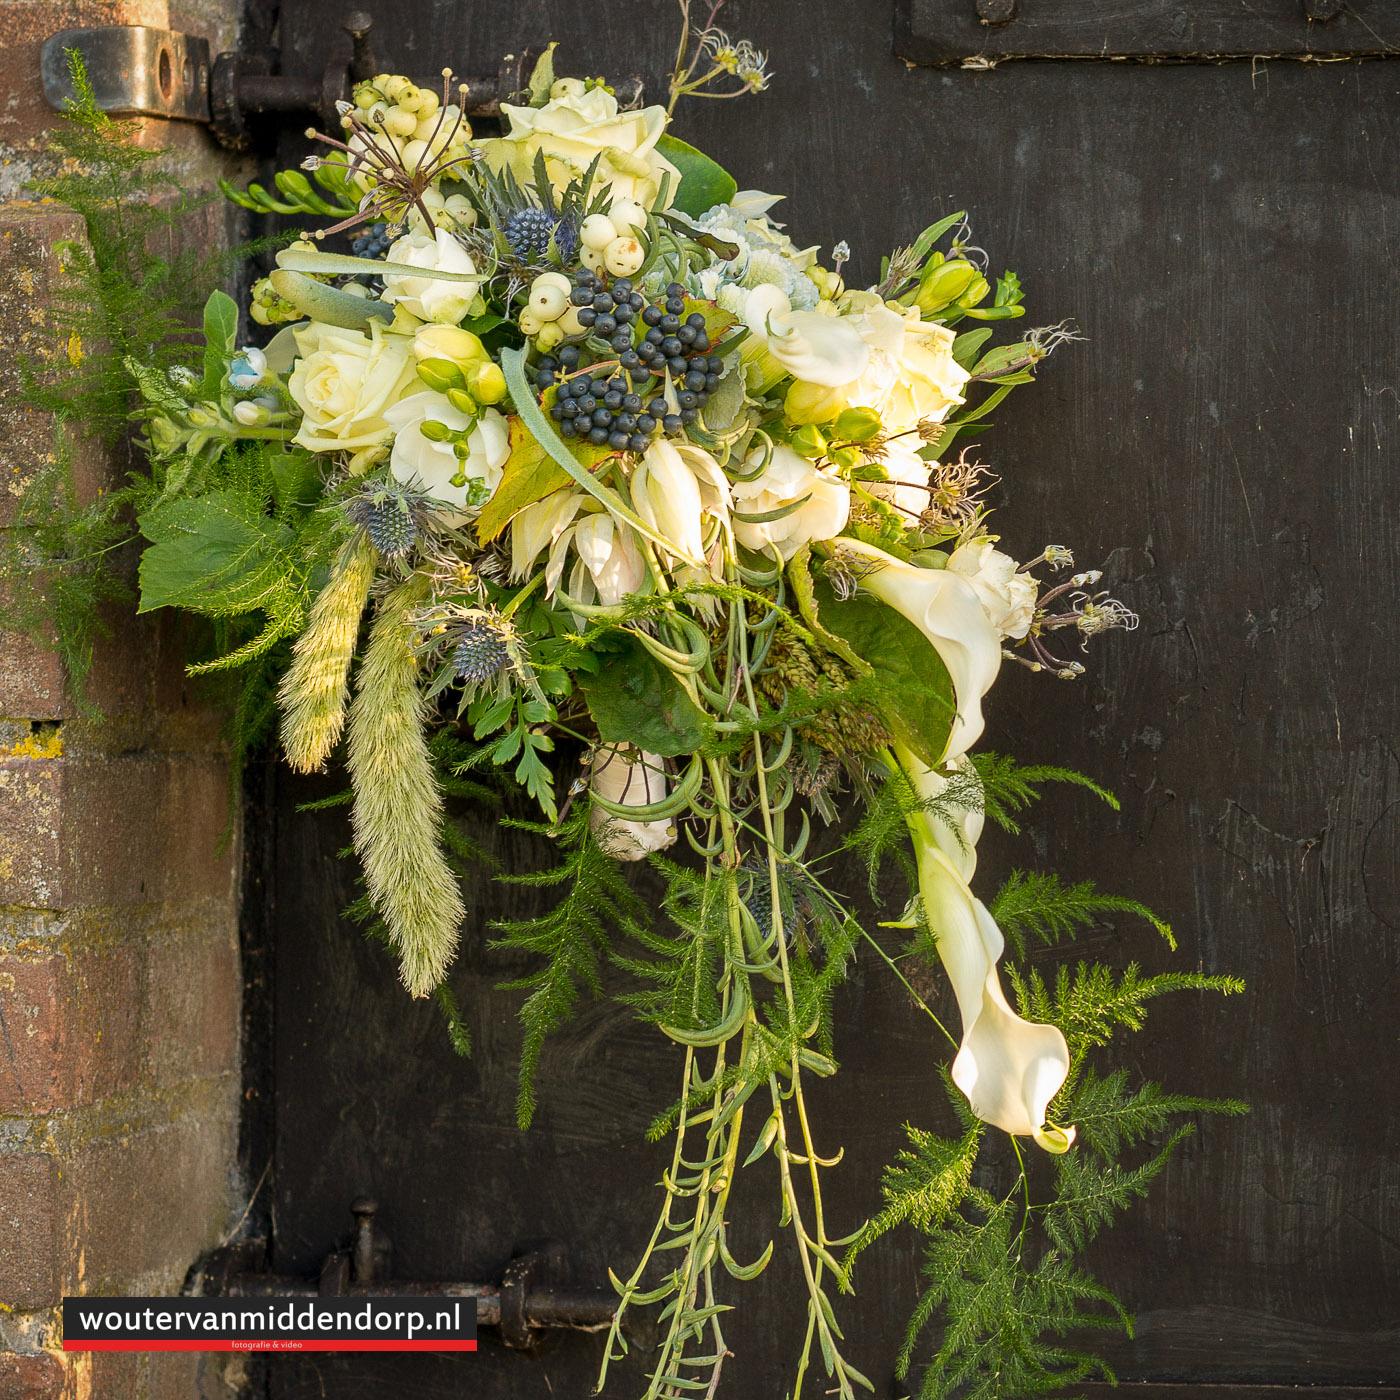 bruidsfotografie Wouter van Middendorp Uddel, Putten, -30